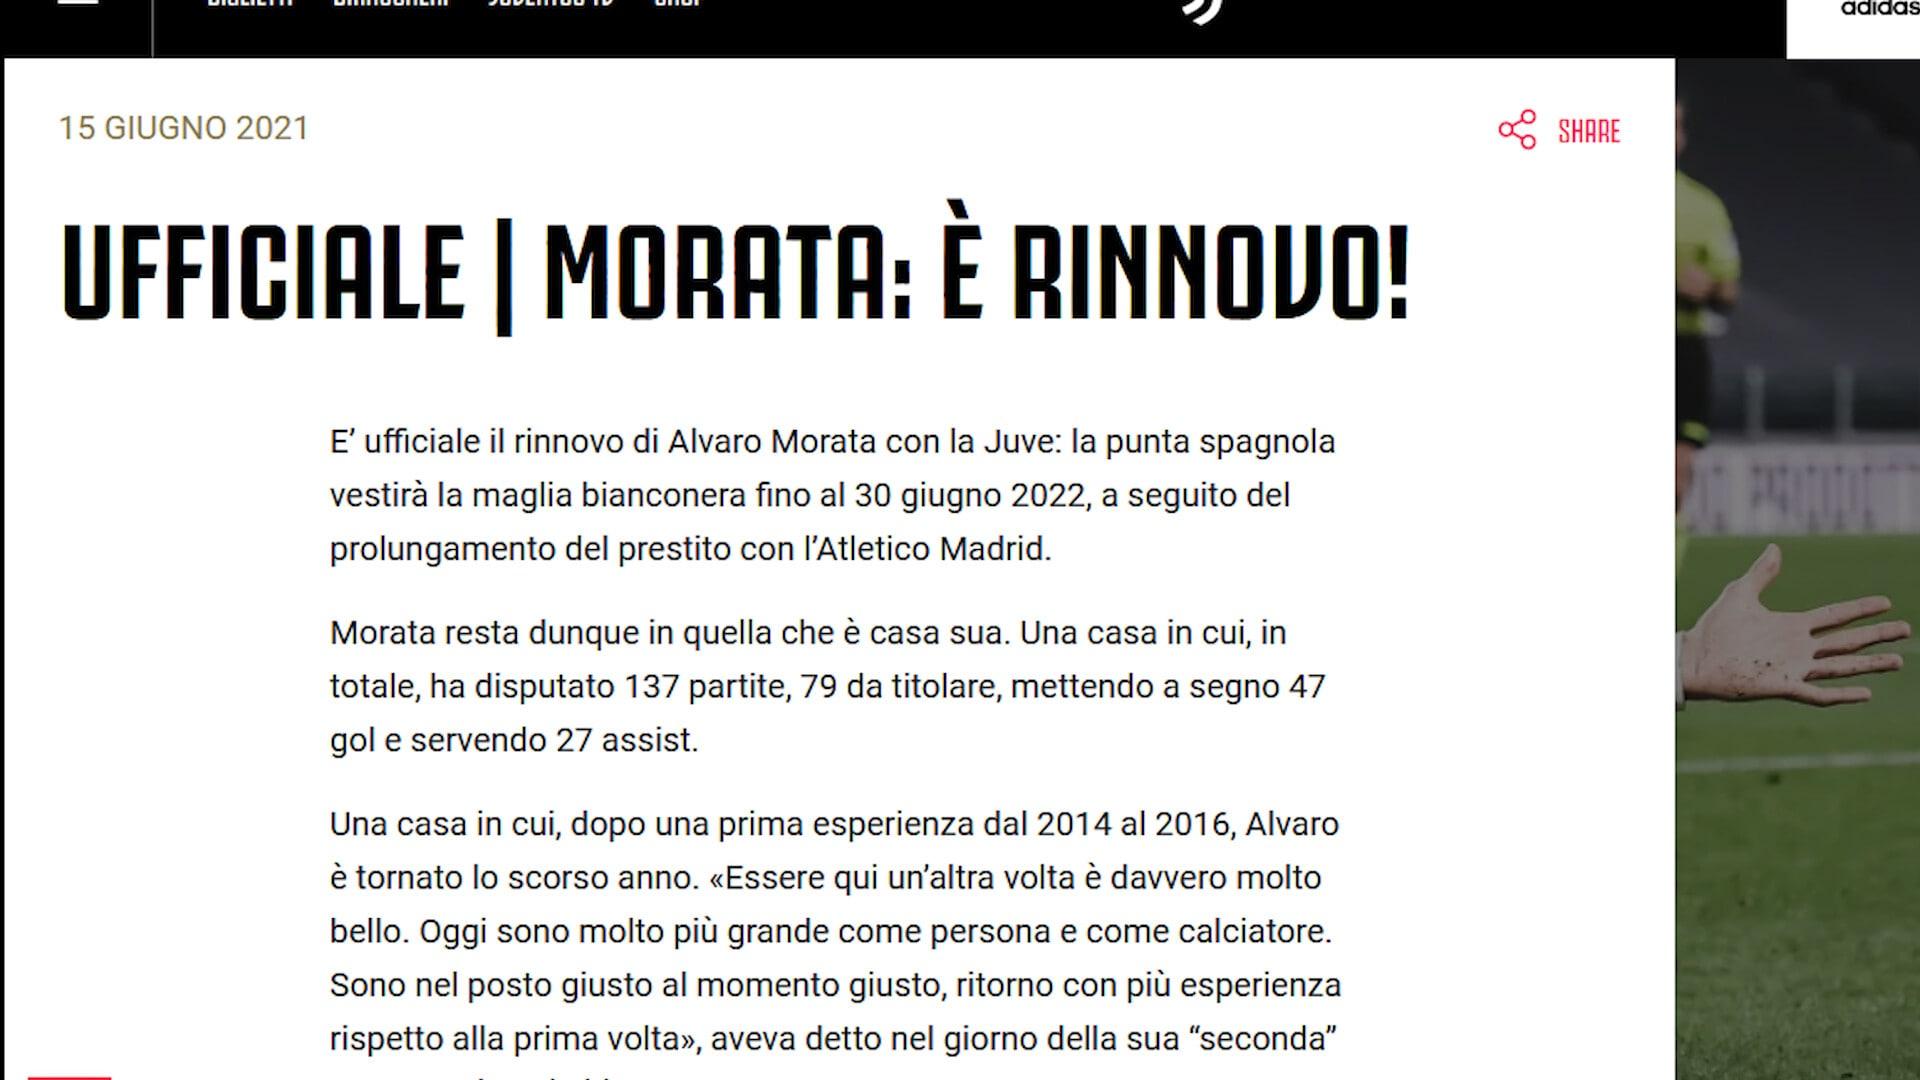 Ufficiale, Juve: rinnovato il prestito di Morata fino al 2022